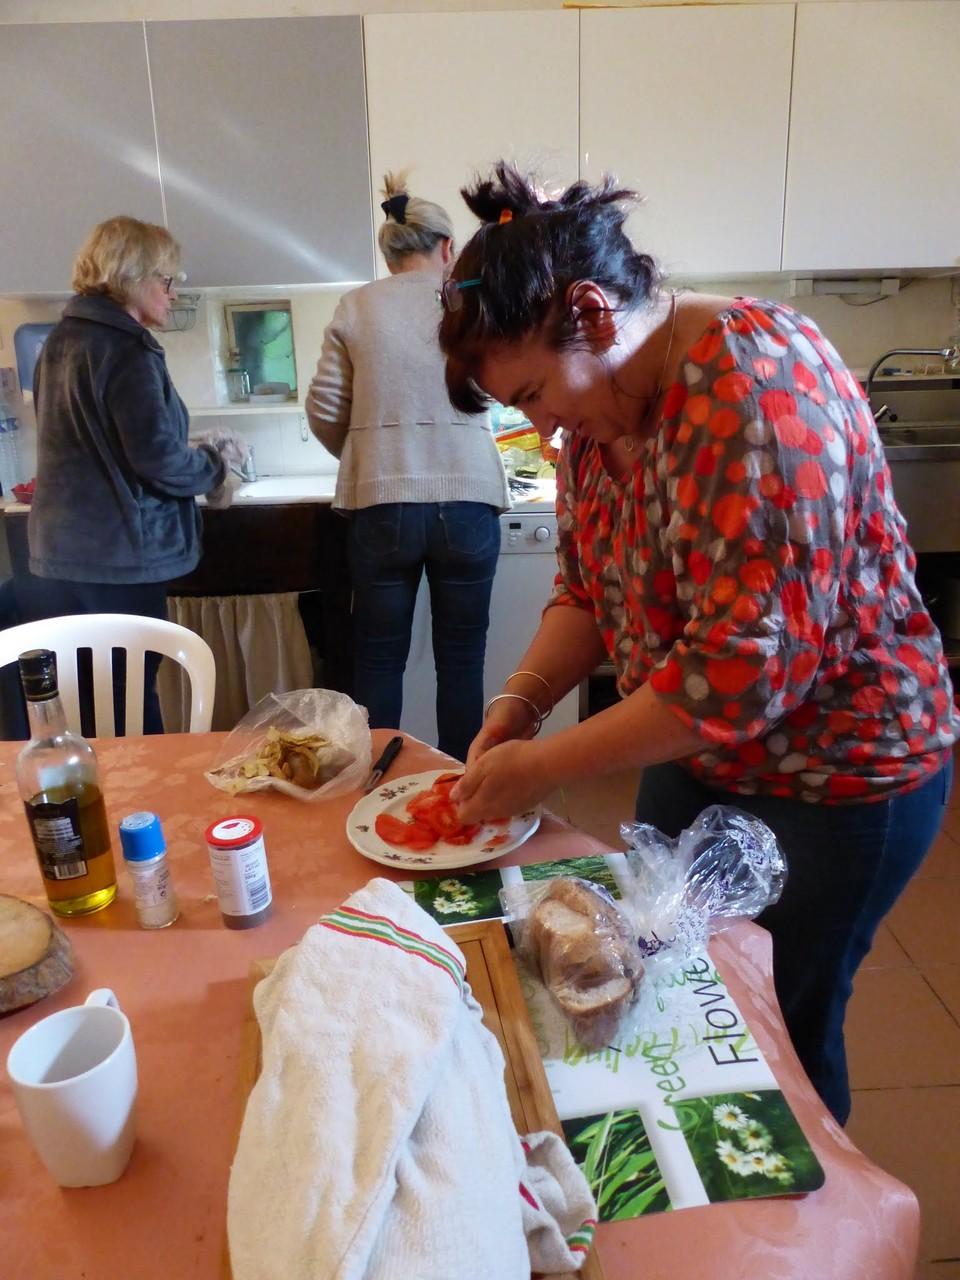 Nathalie en pleine préparation des repas du jeudi